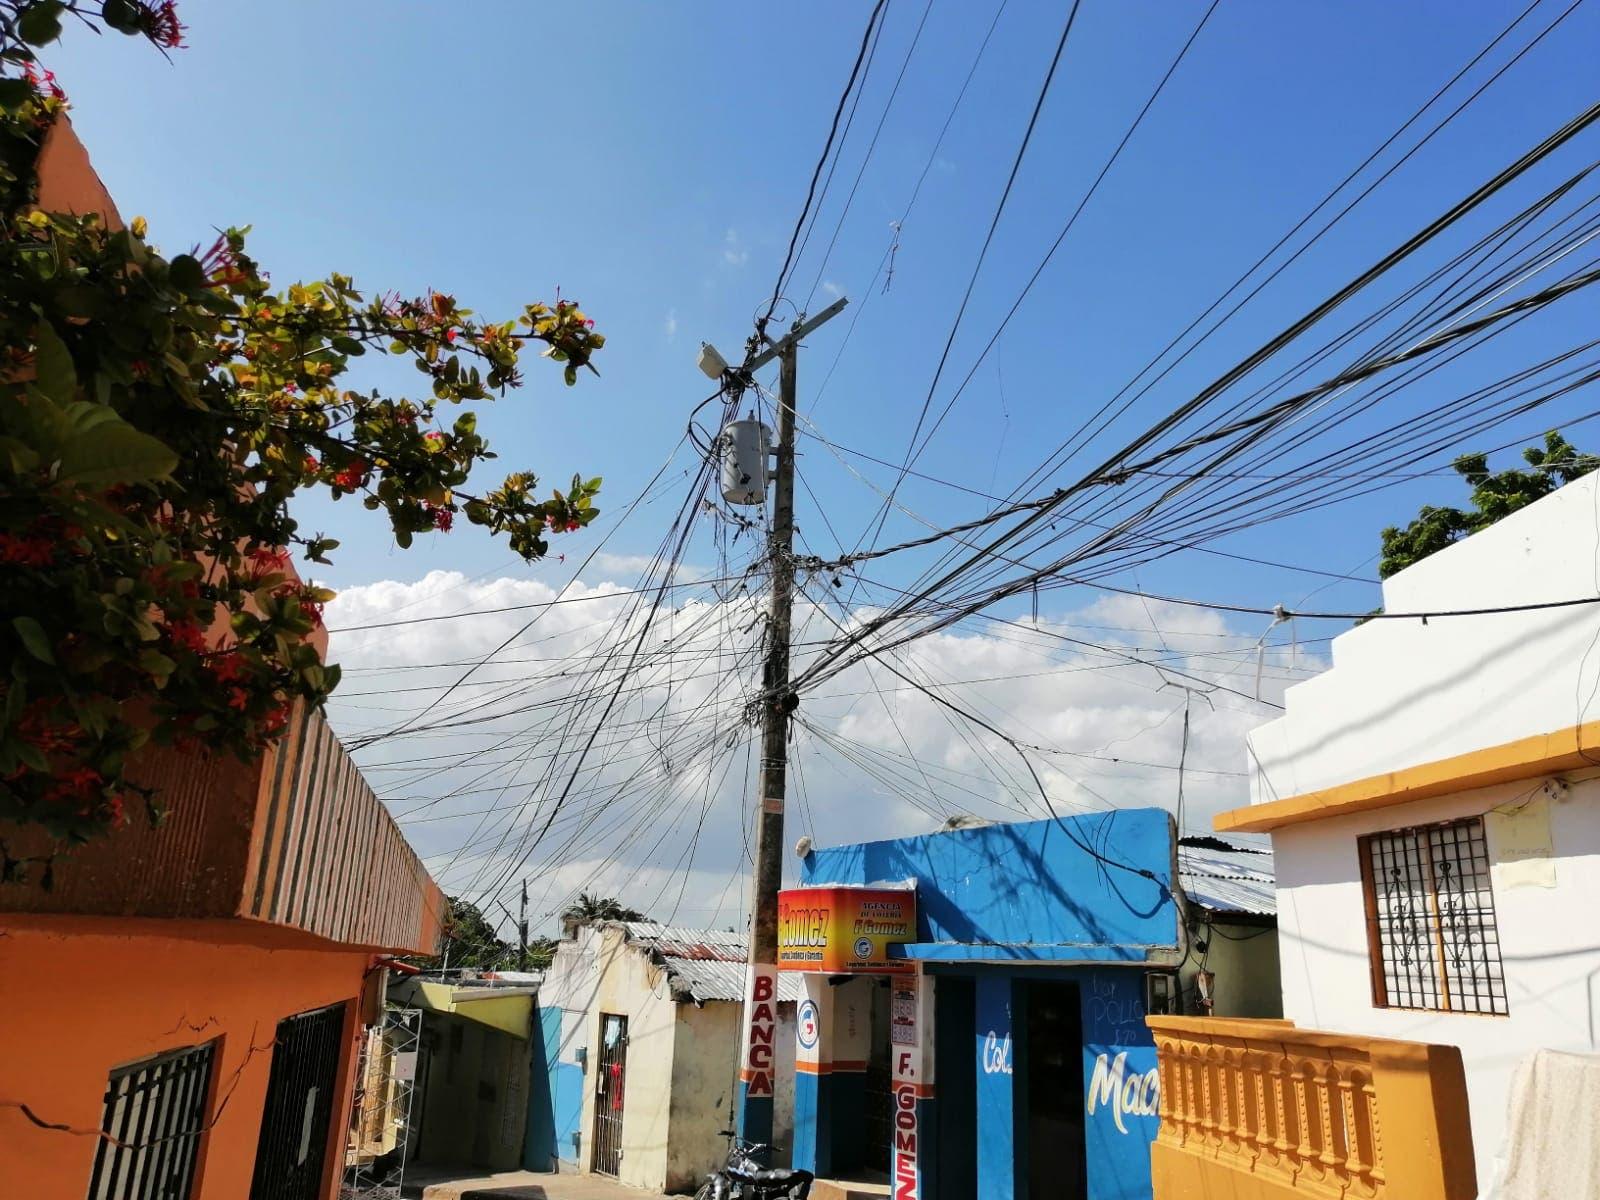 Residentes en calle de Katanga denuncian tienen una semana sin electricidad por avería